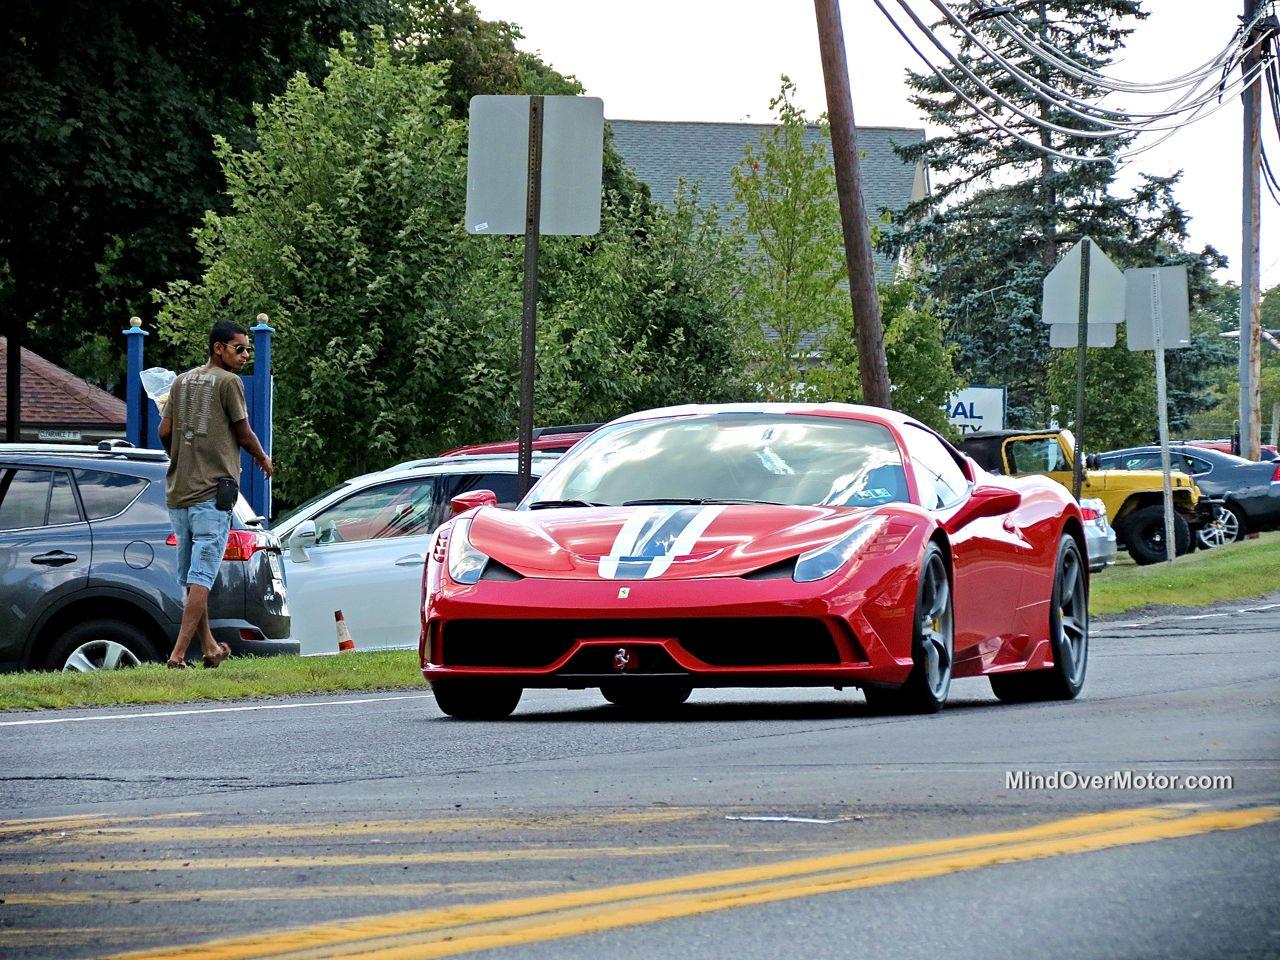 Ferrari 458 Speciale in New Hope, PA